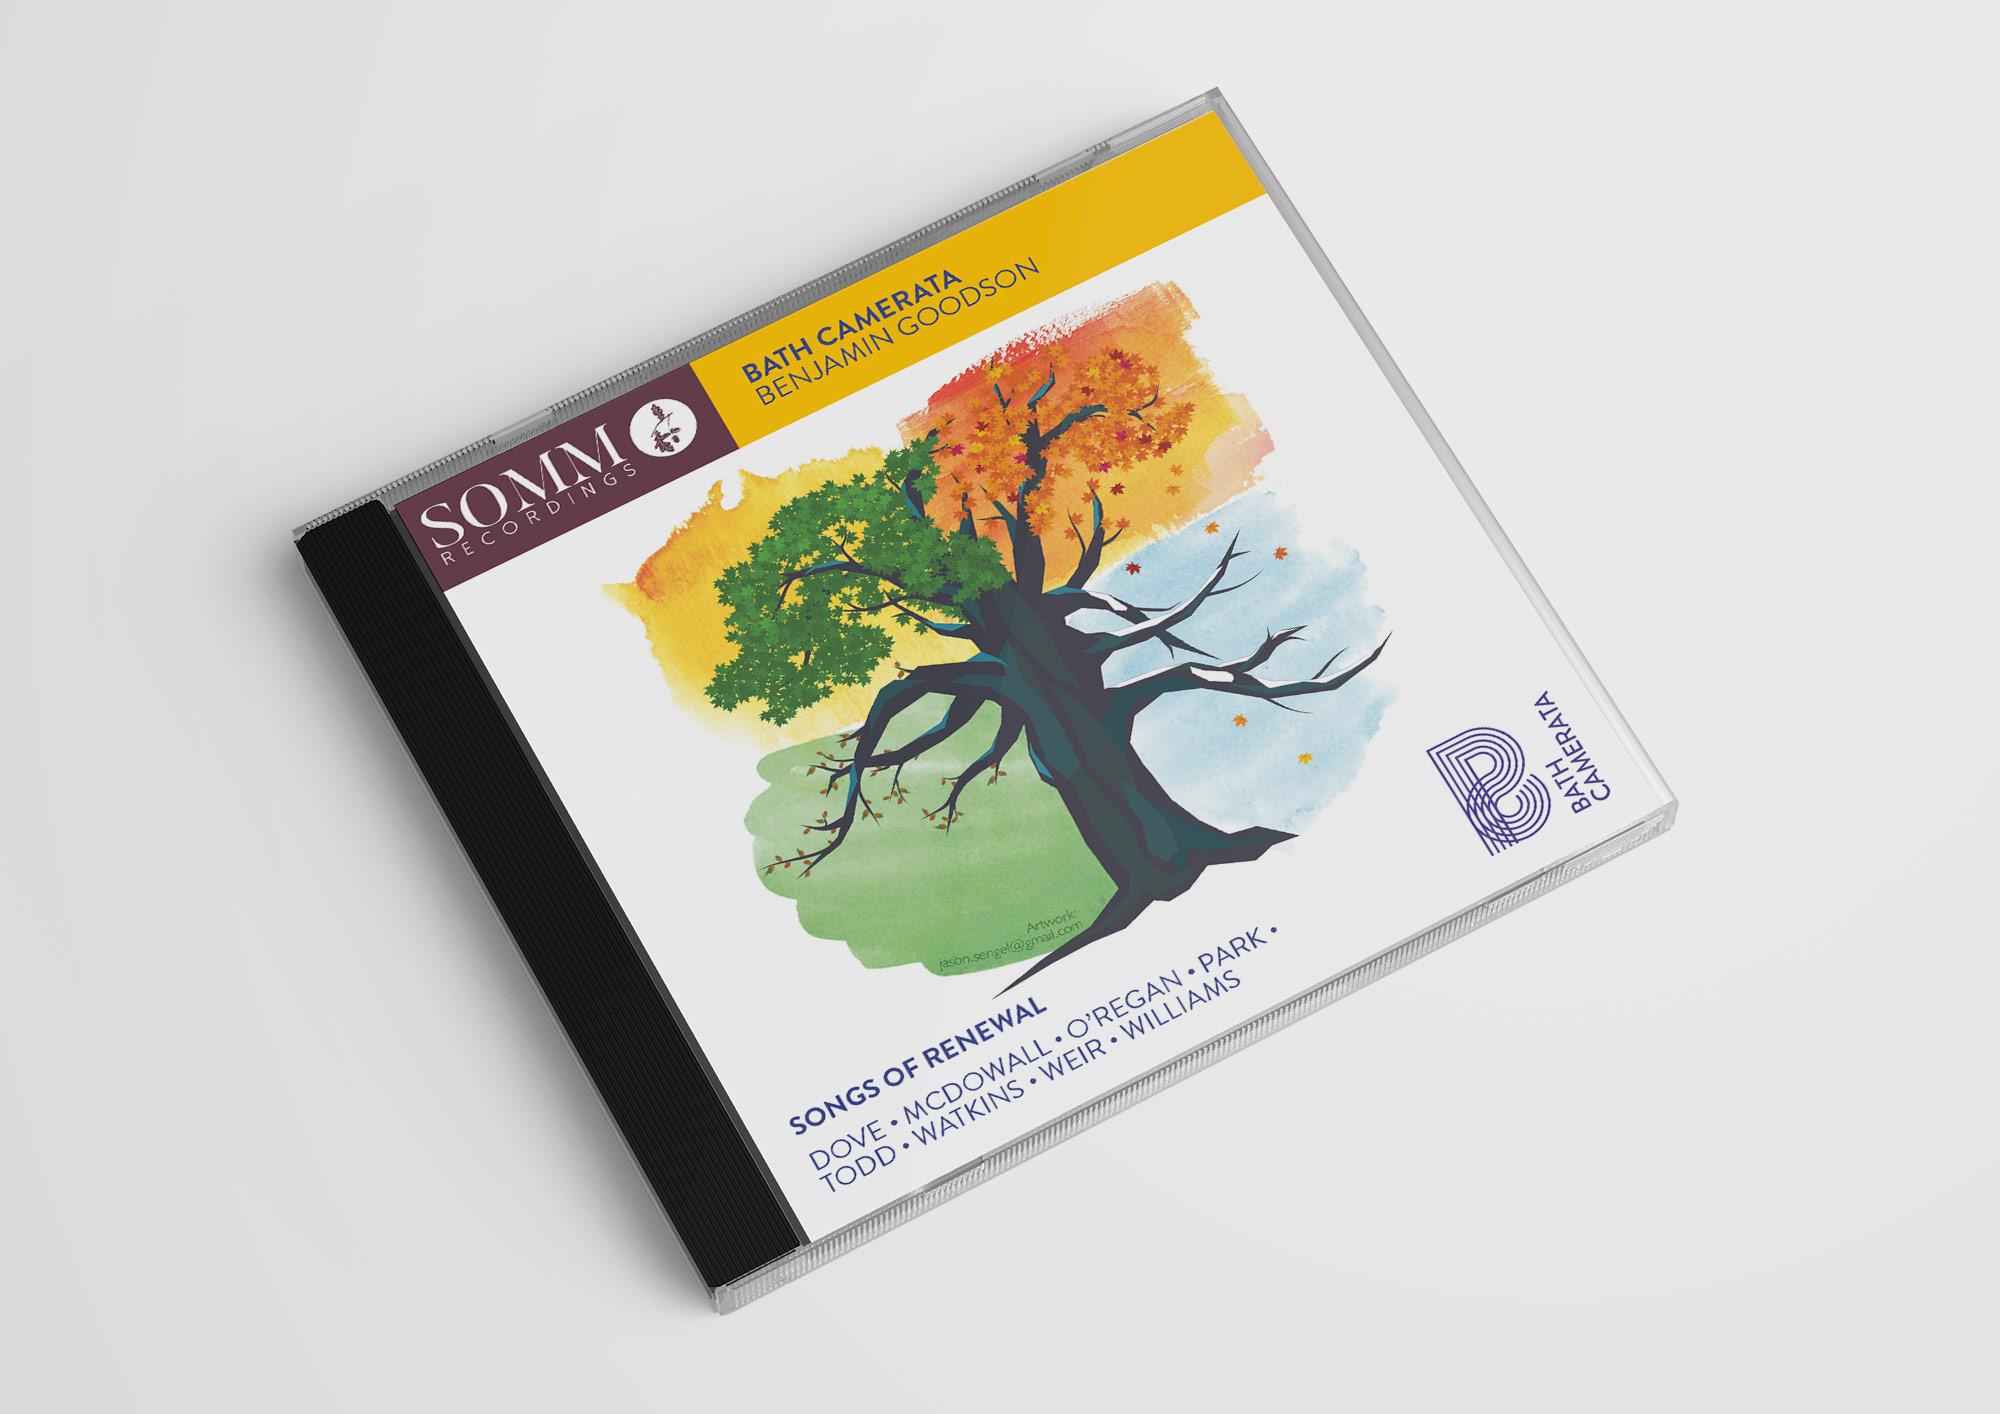 Bath Camerata CD cover